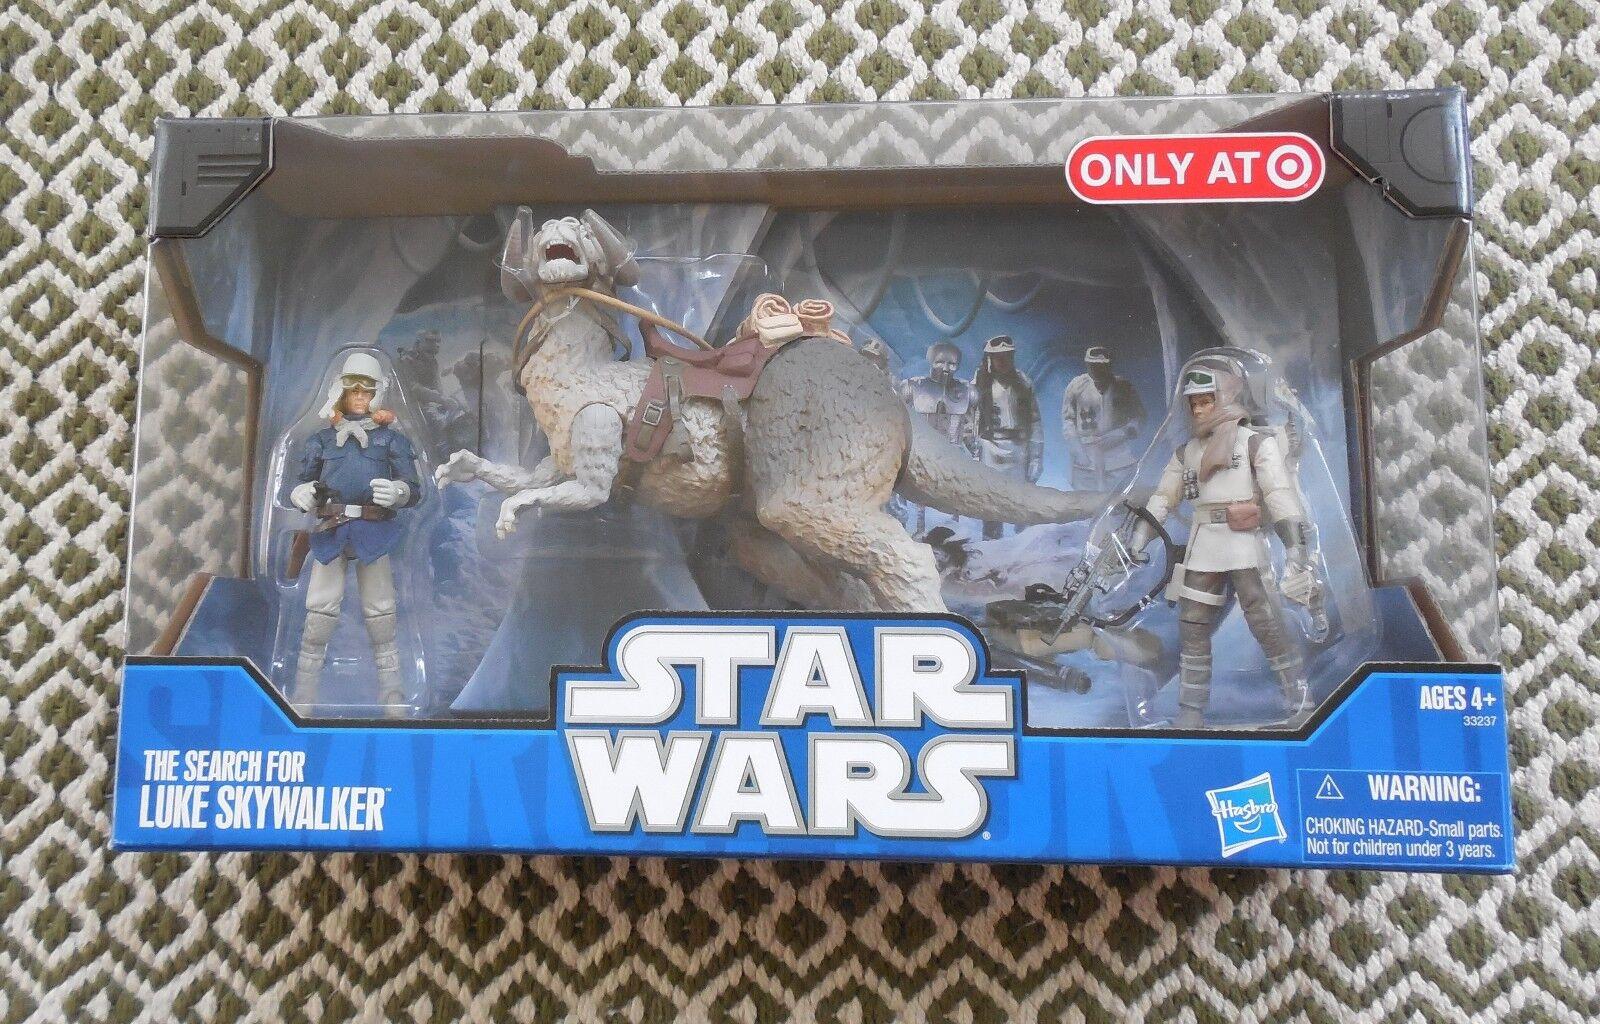 Star - wars - die suche nach luke skywalker eine exklusive 2011